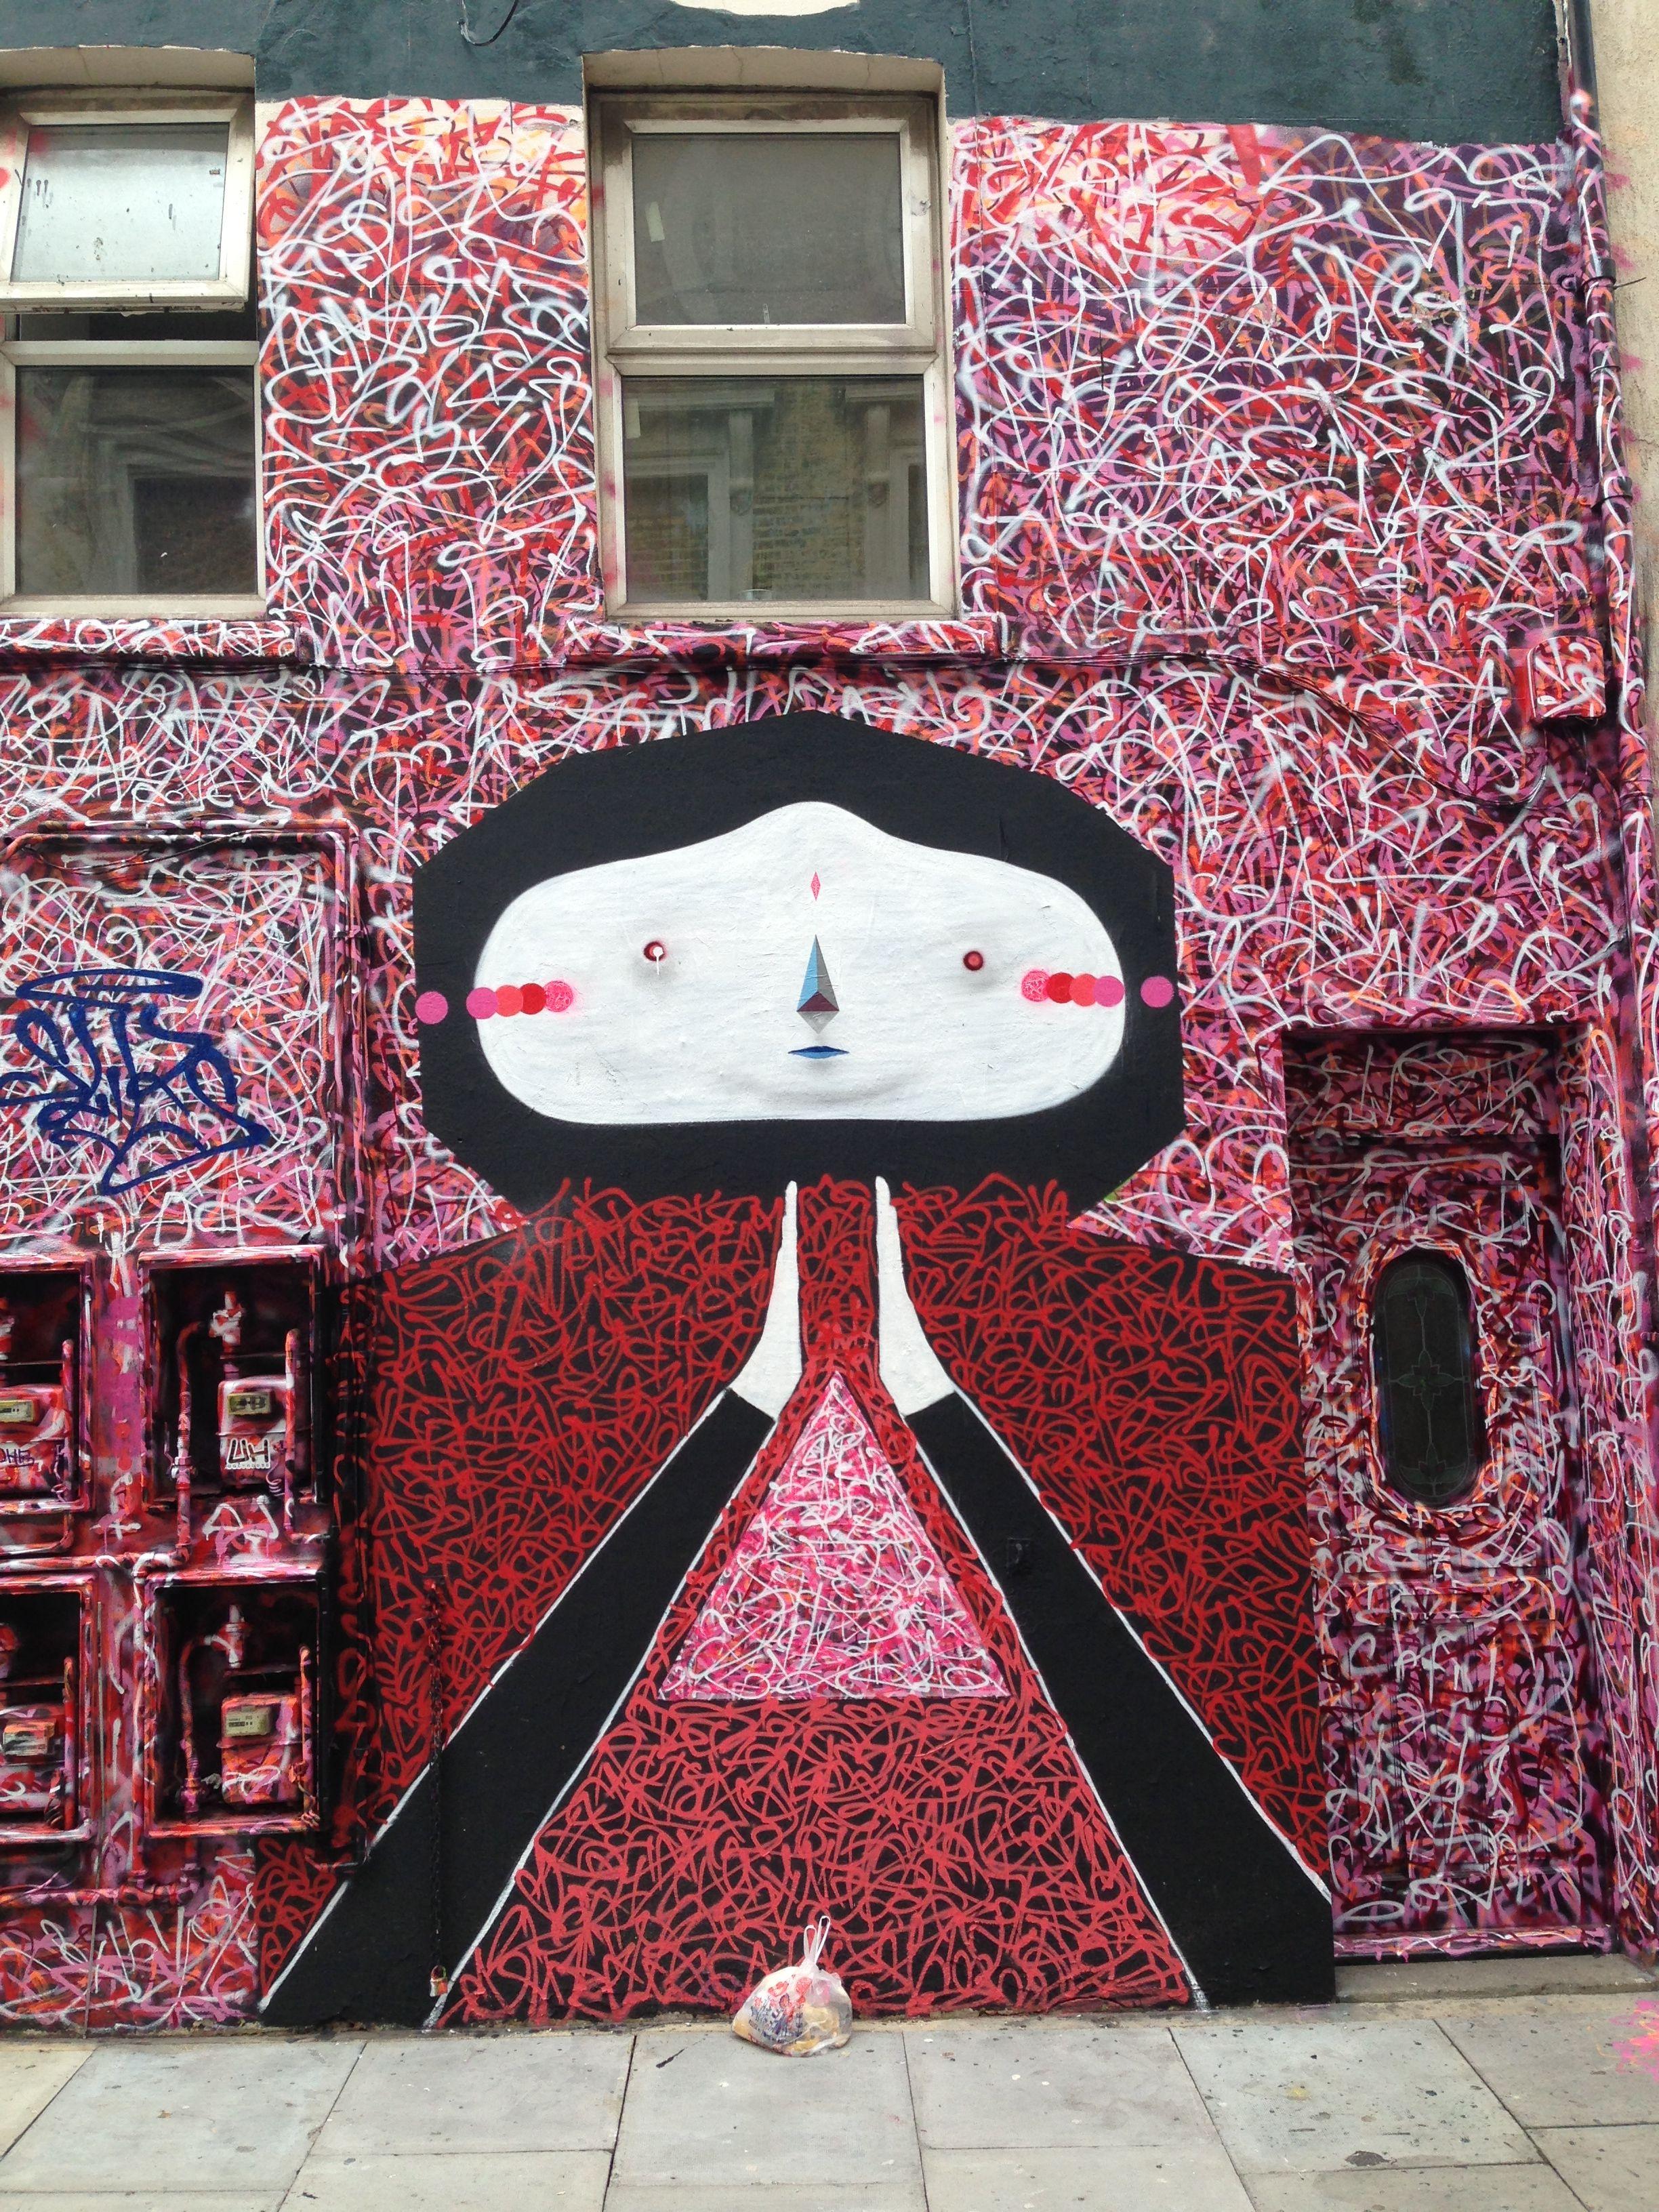 Shoreditch Graffiti: Street Art, Graffiti, Shoreditch